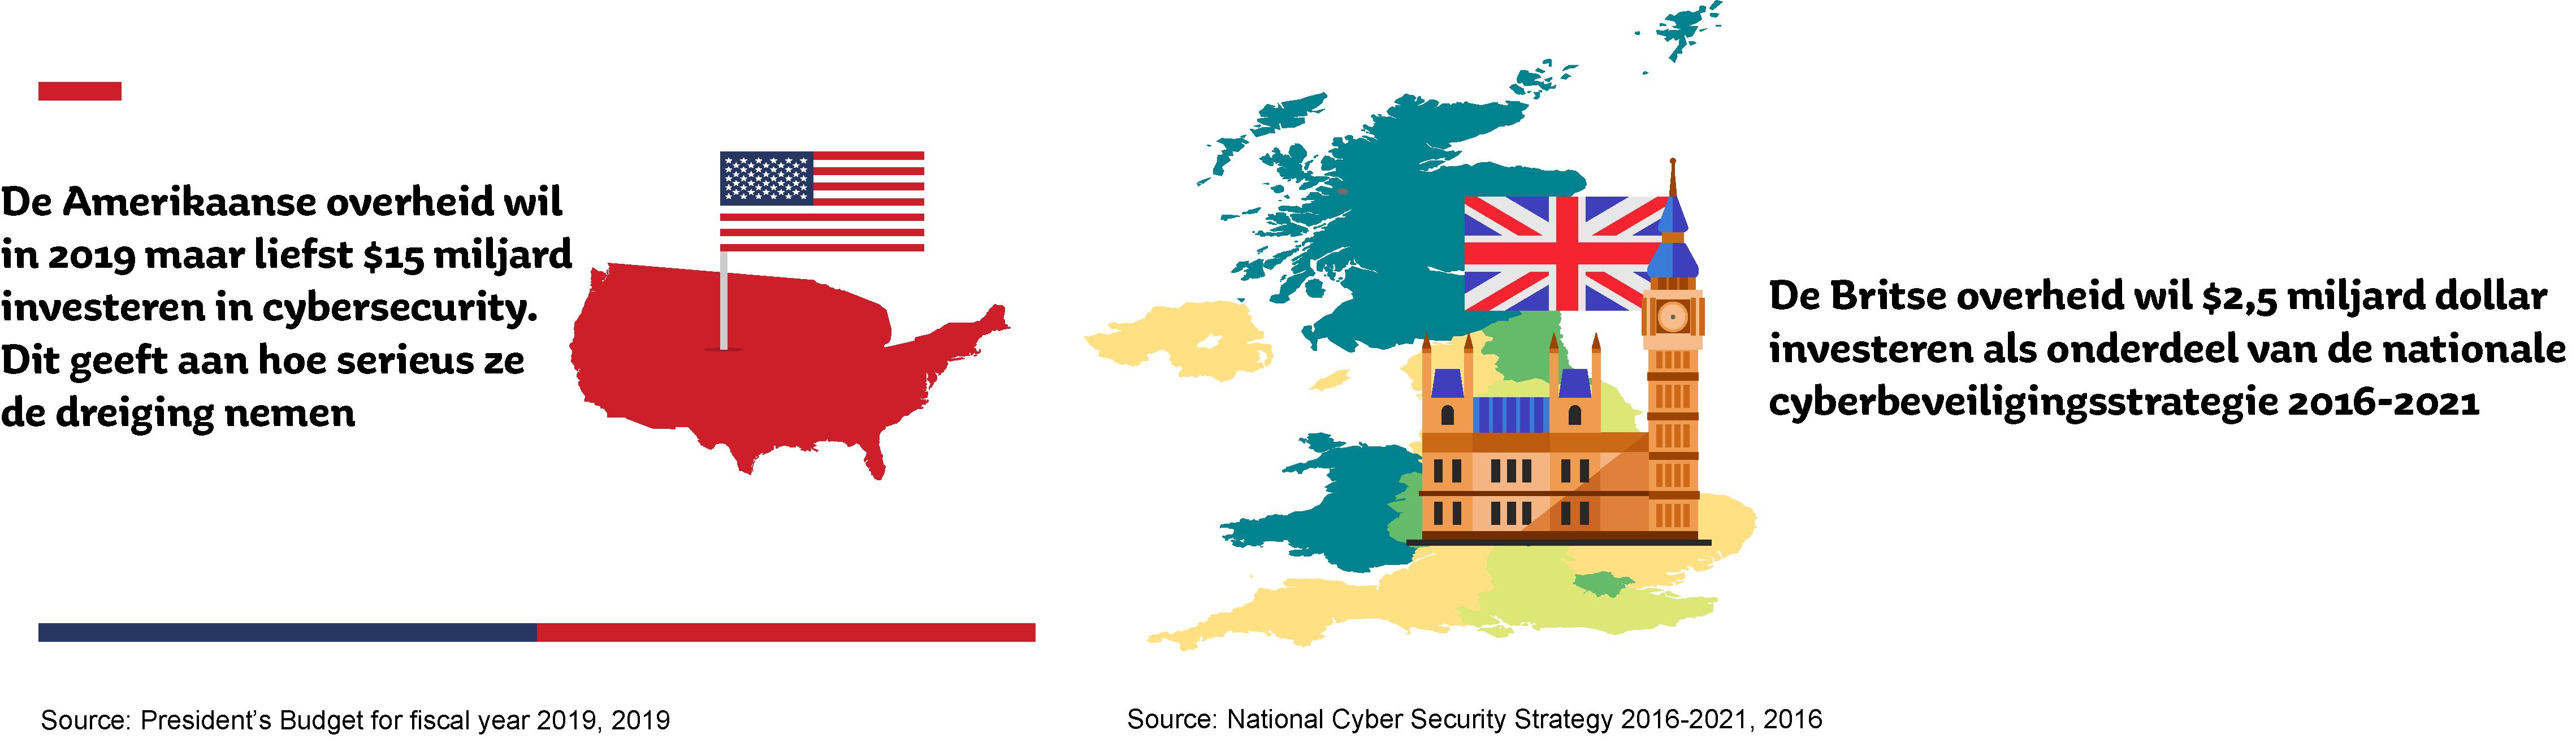 Afbeeldingen die laten zien hoeveel de Amerikaanse en Britse overheden van plan zijn te besteden aan cyberbeveiliging.